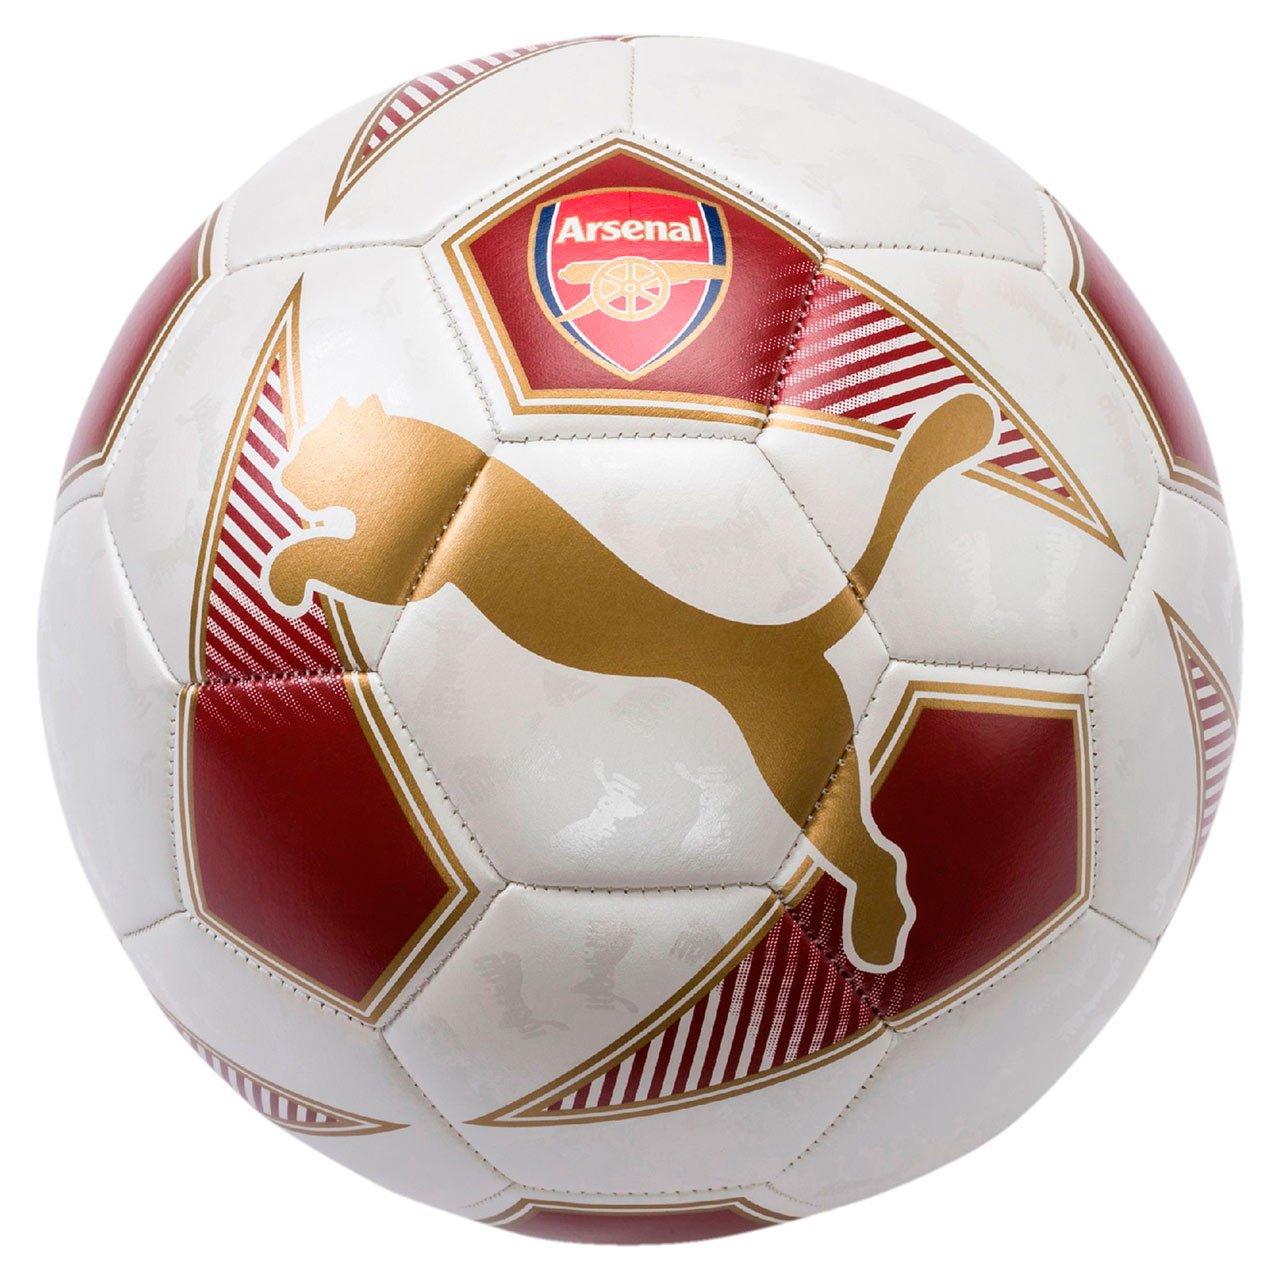 Puma Arsenal Balón Futbol Mini: Amazon.es: Deportes y aire libre